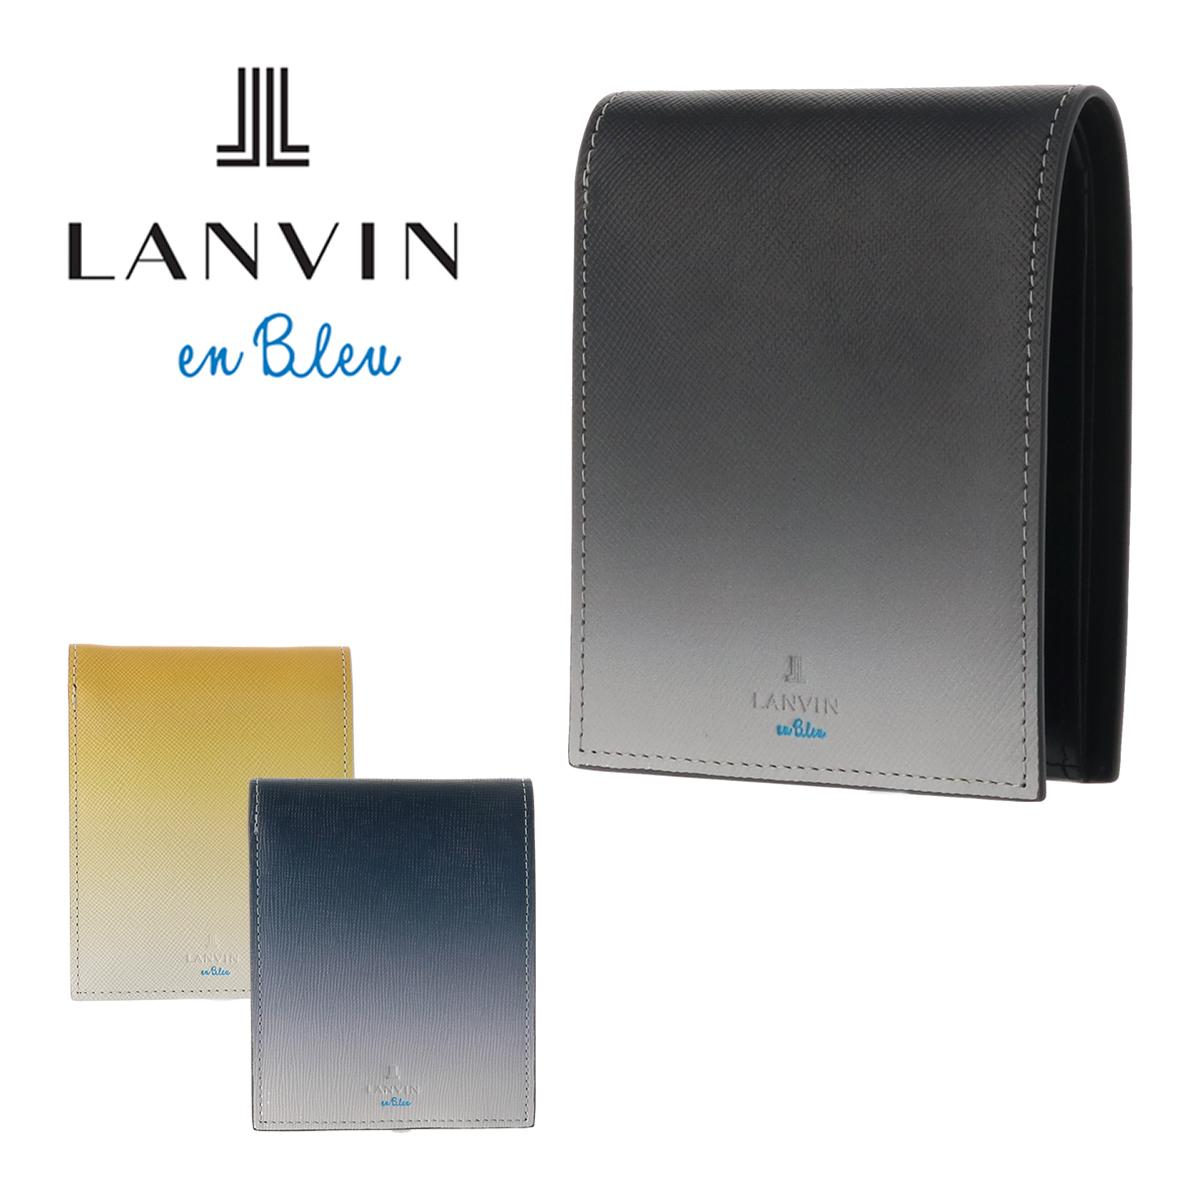 ランバンオンブルー LANVIN en Bleu 二つ折り財布 561603 グラデーション 財布 メンズ レザー 本革 [bef][PO10]